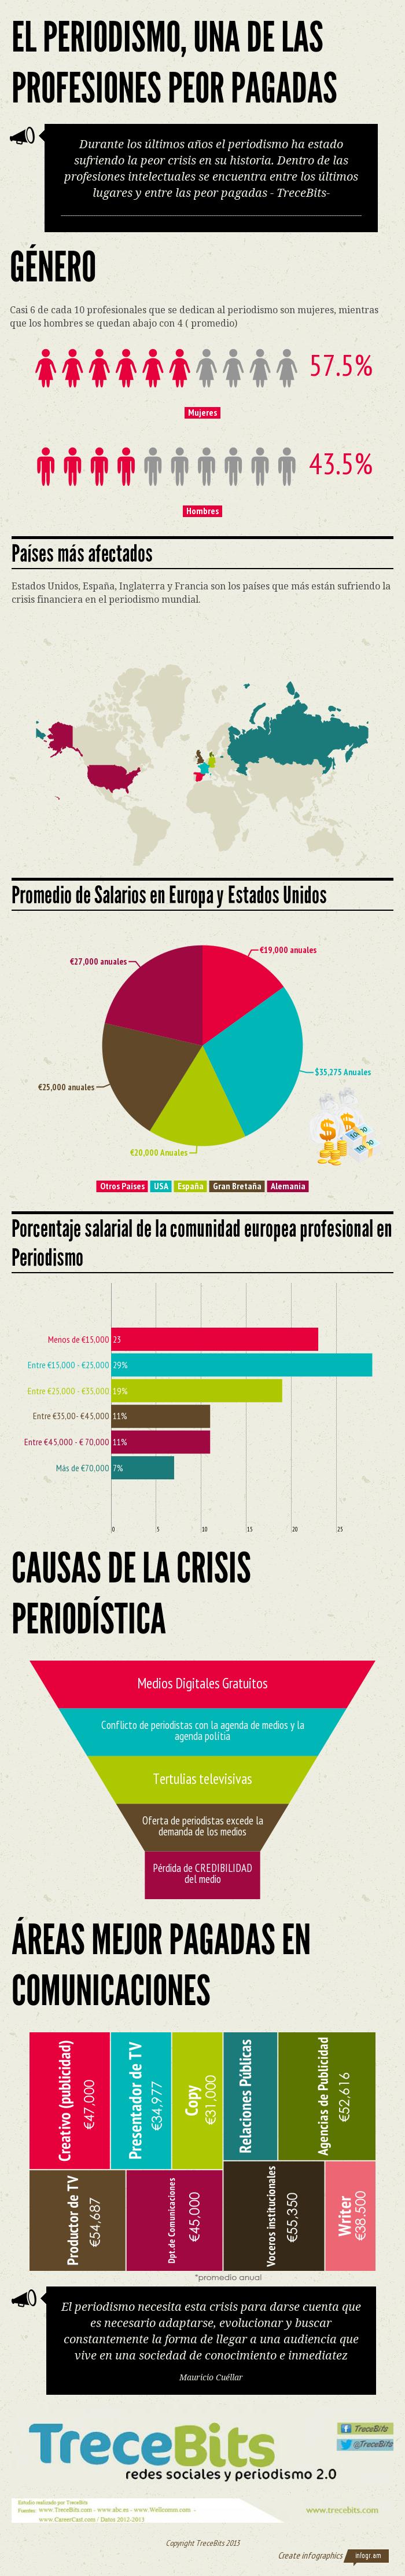 Periodismo profesión Espa